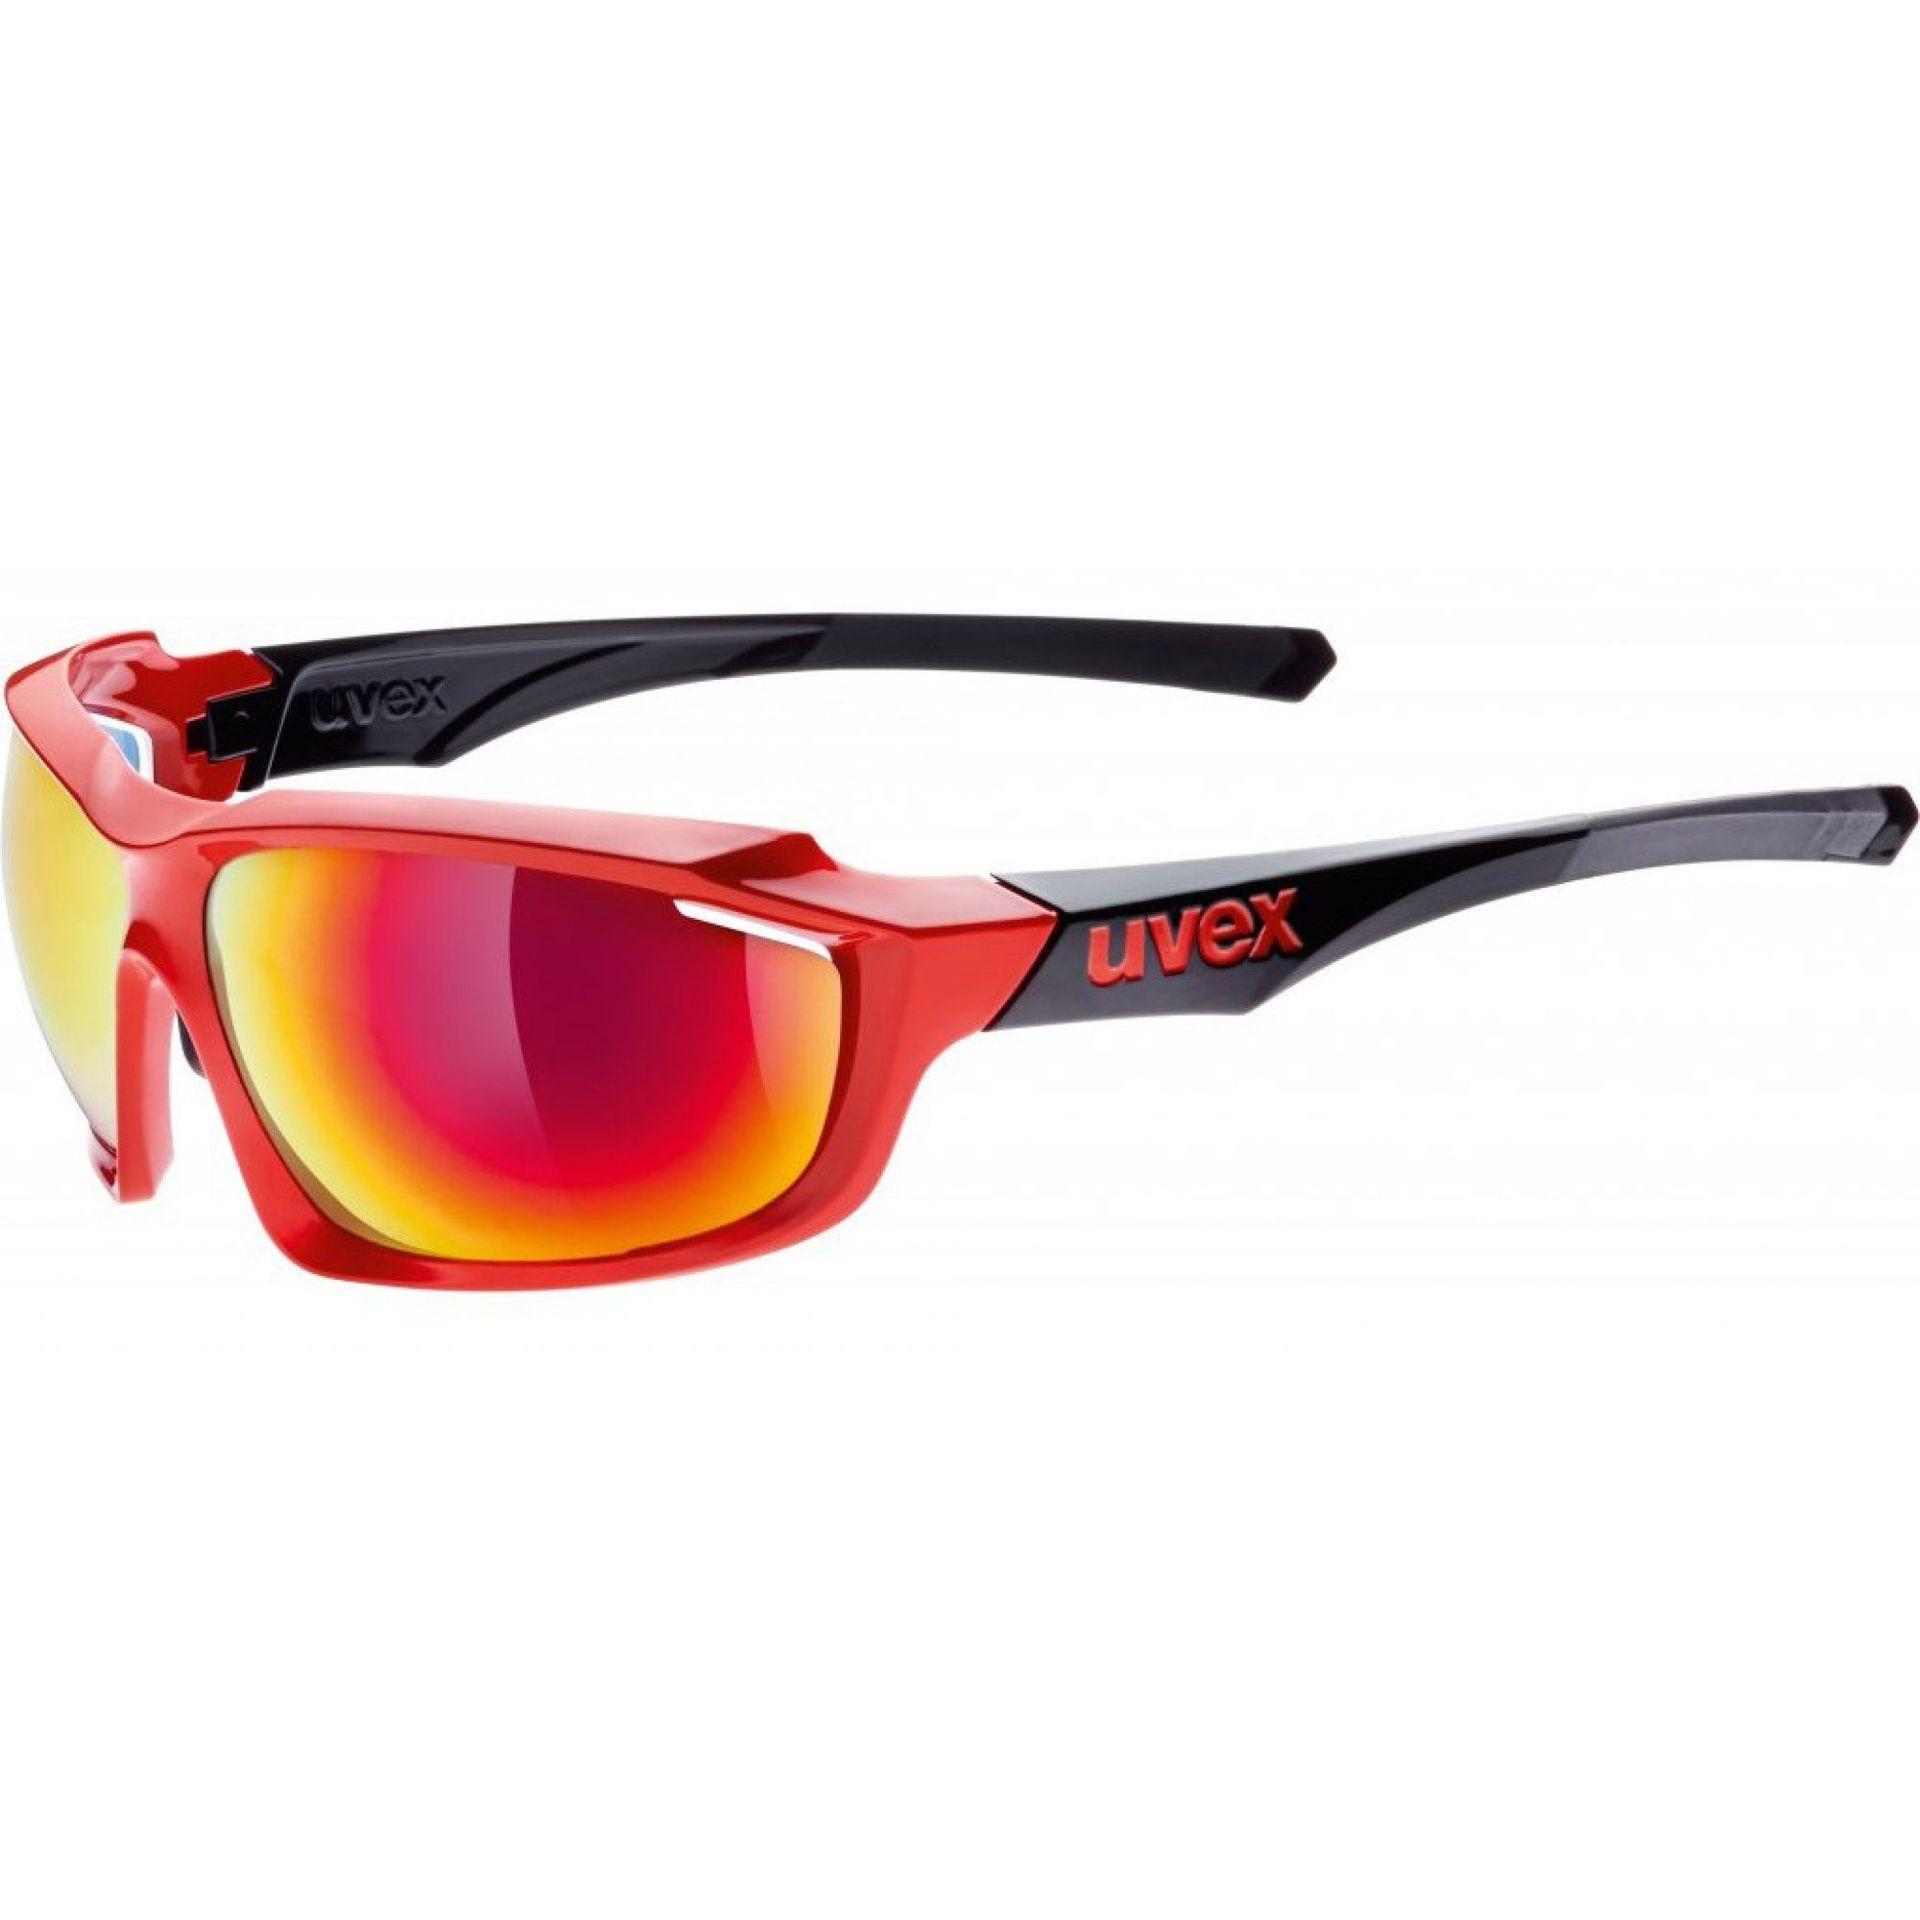 OKULARY UVEX SPORTSTYLE 710 RED BLACK